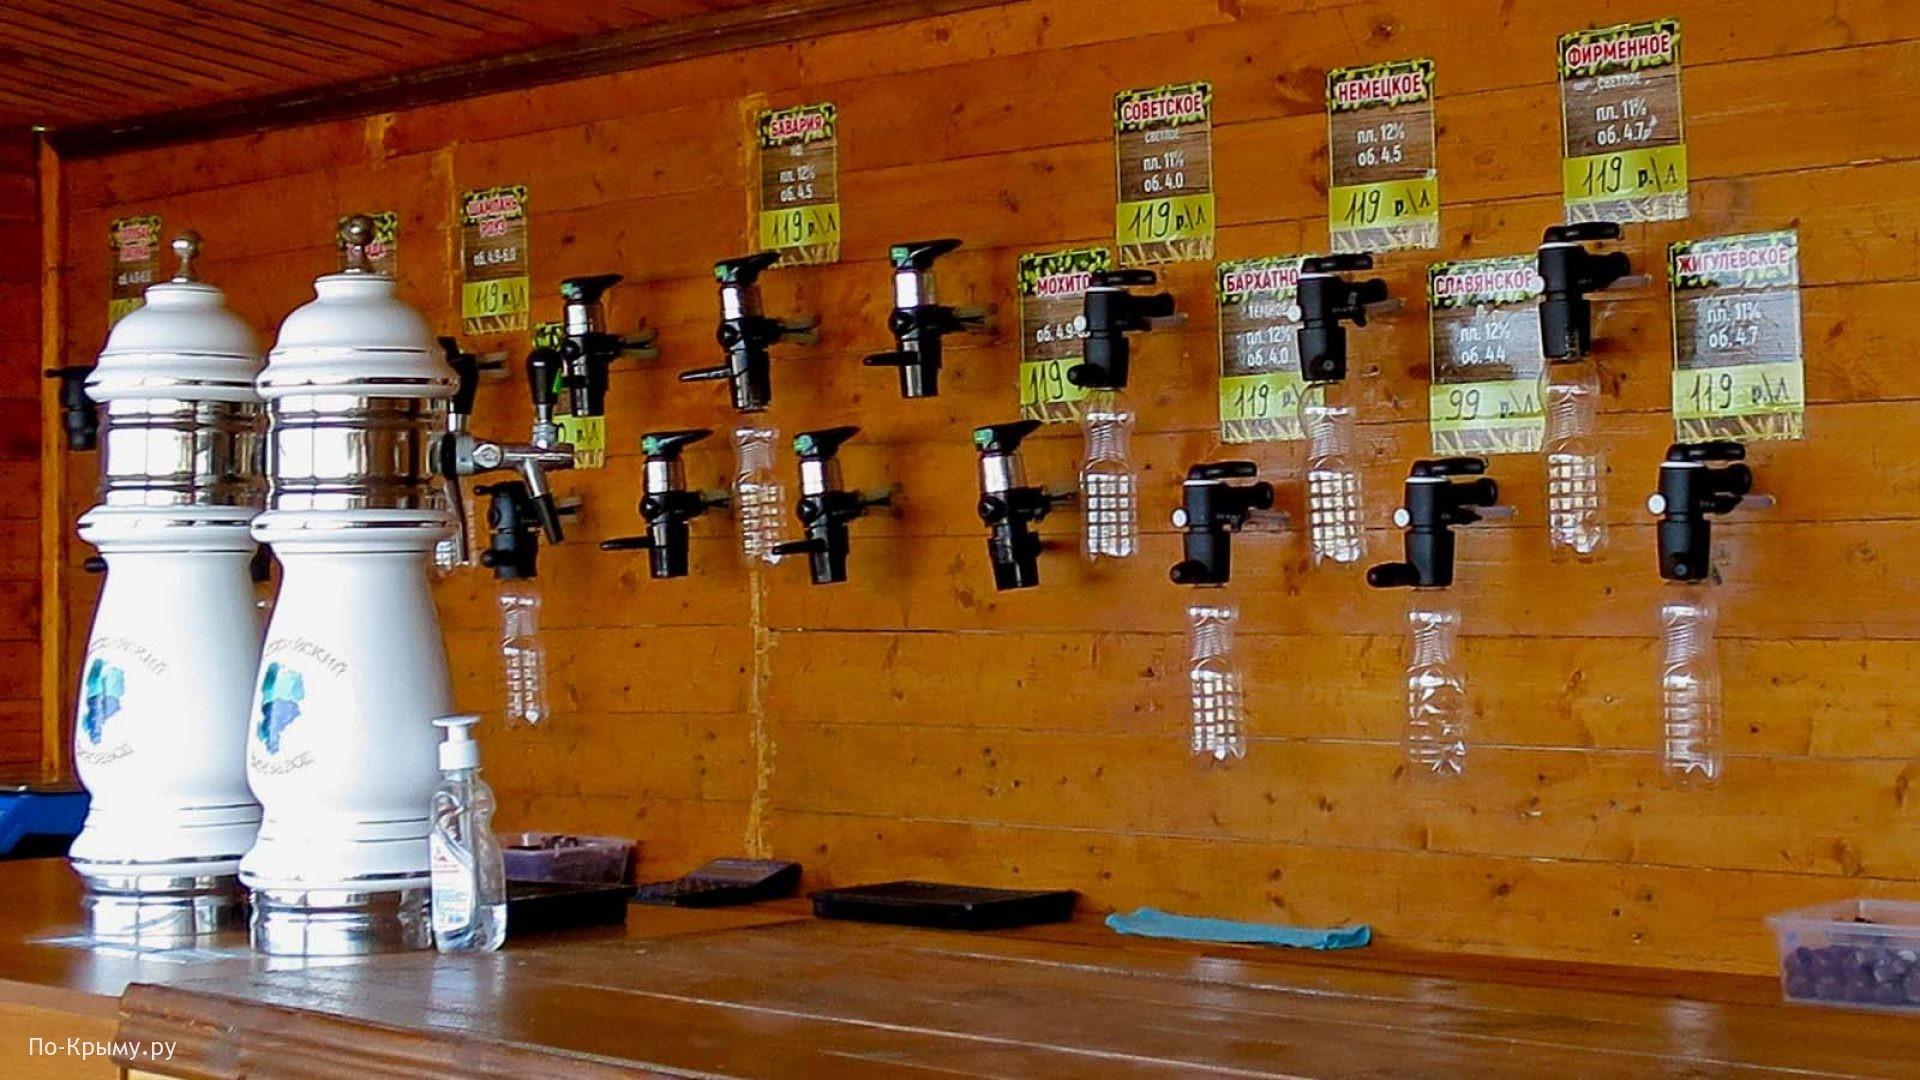 Сколько стоит пиво в кырму